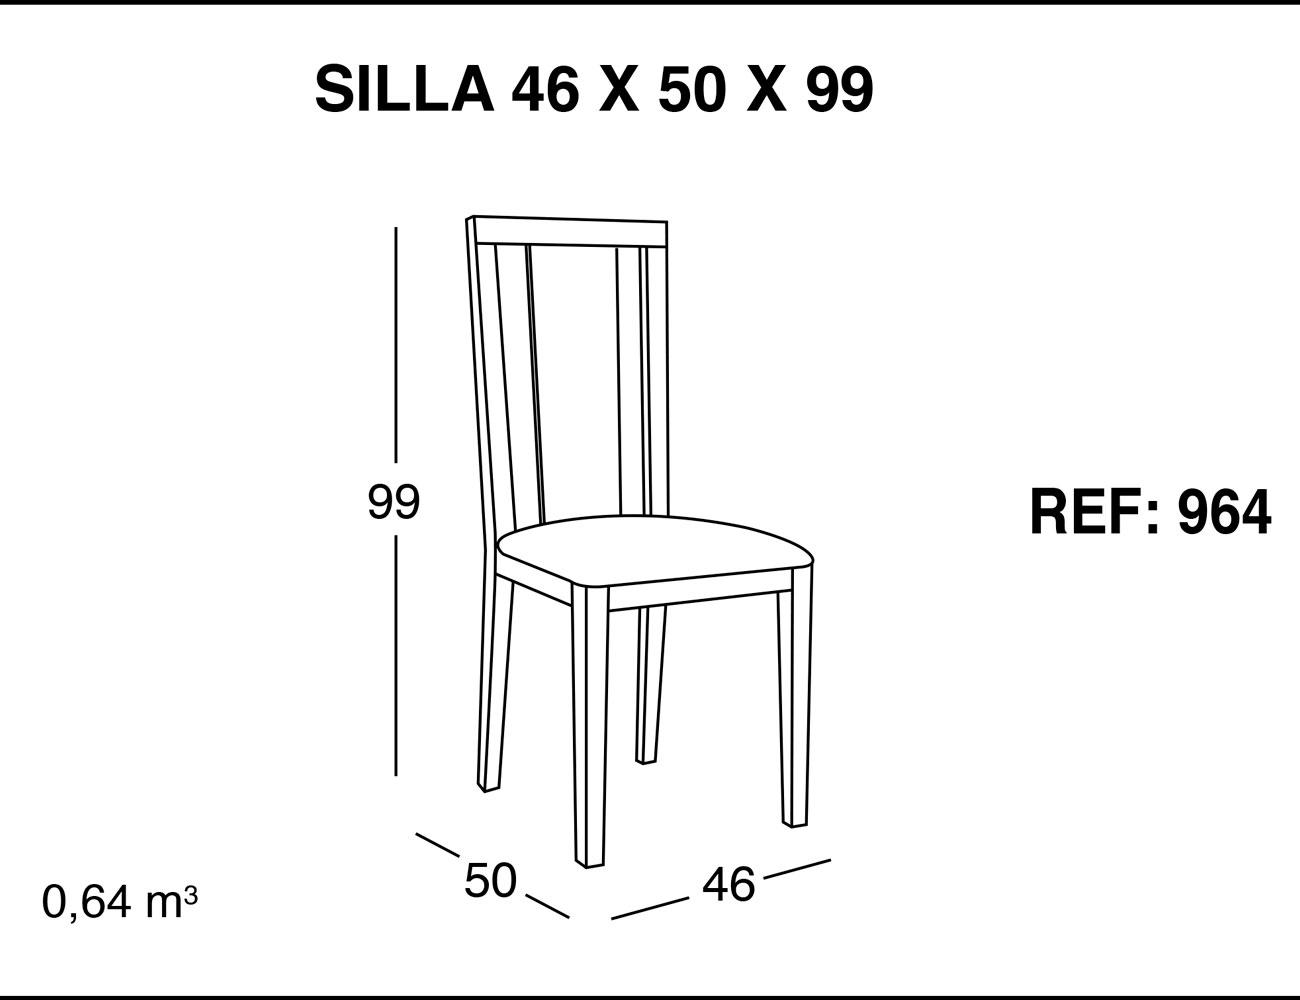 Silla 46 50 99